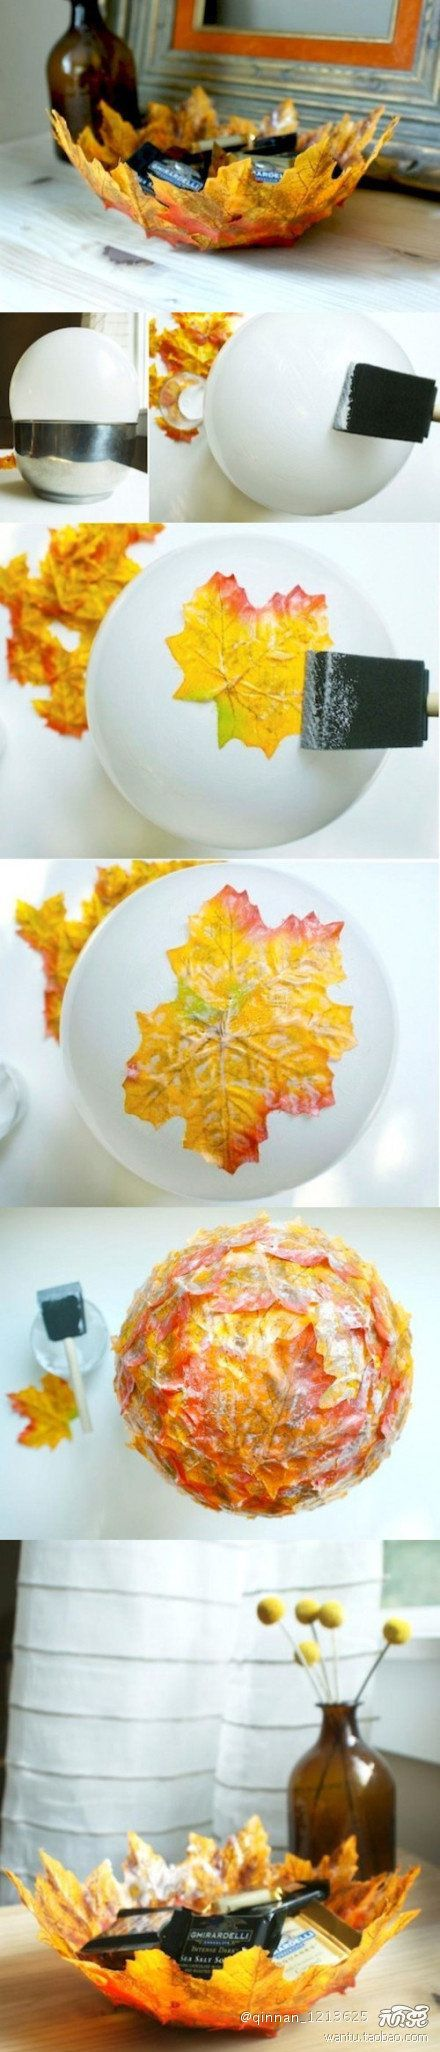 diy leaf bowls